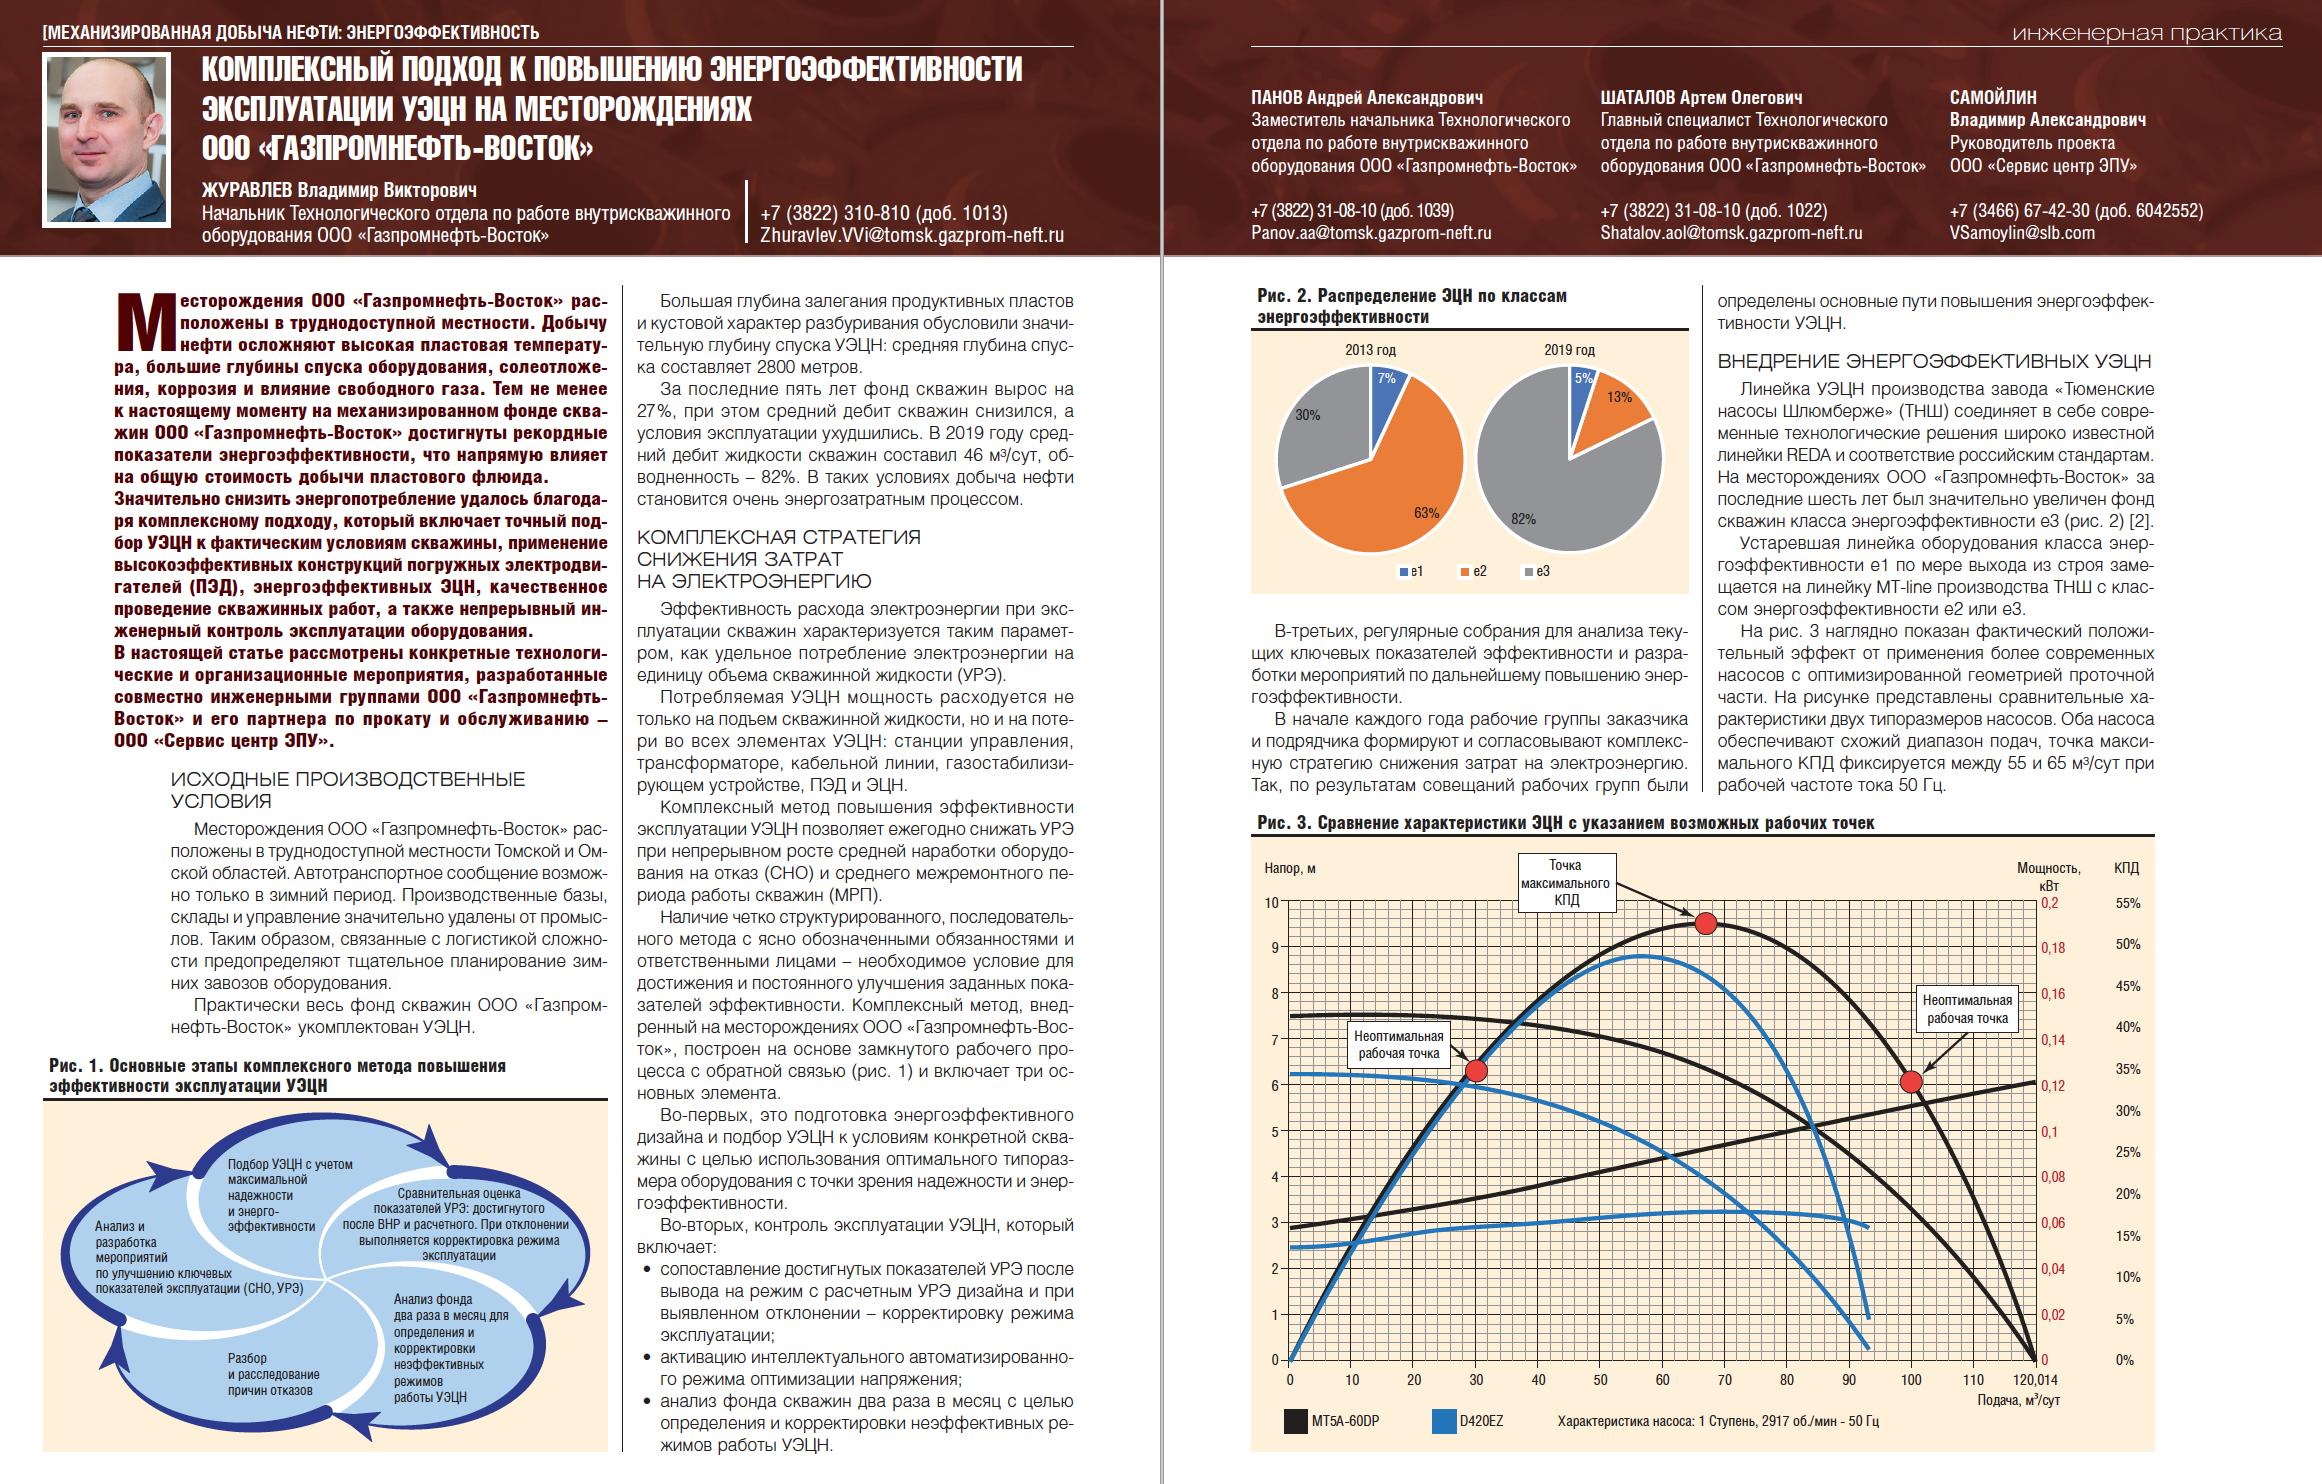 32514 Комплексный подход к повышению энергоэффективности эксплуатации УЭЦН на месторождениях ООО «Газпромнефть-Восток»